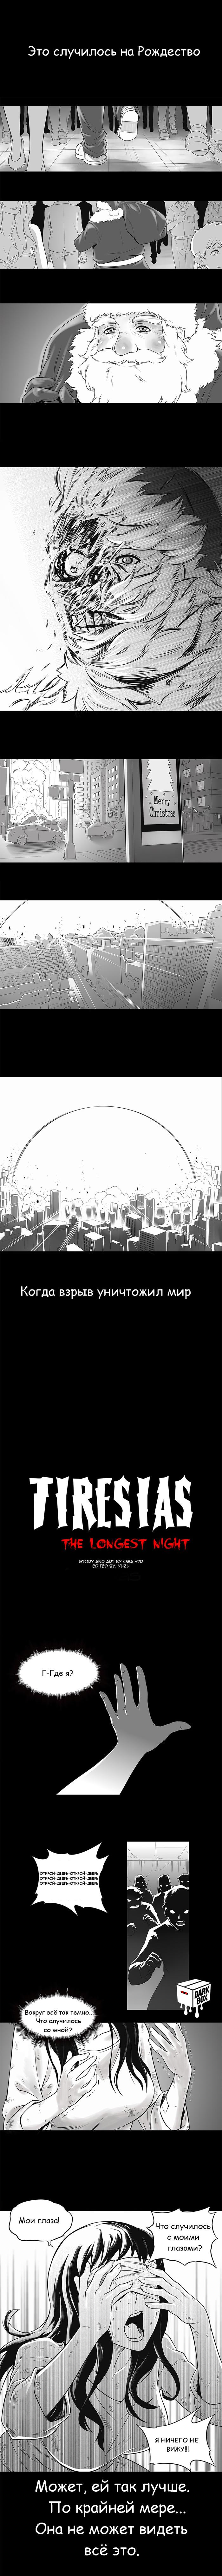 Самая длинная ночь Tiresias, Darkbox, Комиксы, Перевод, Длиннопост, Перевел сам